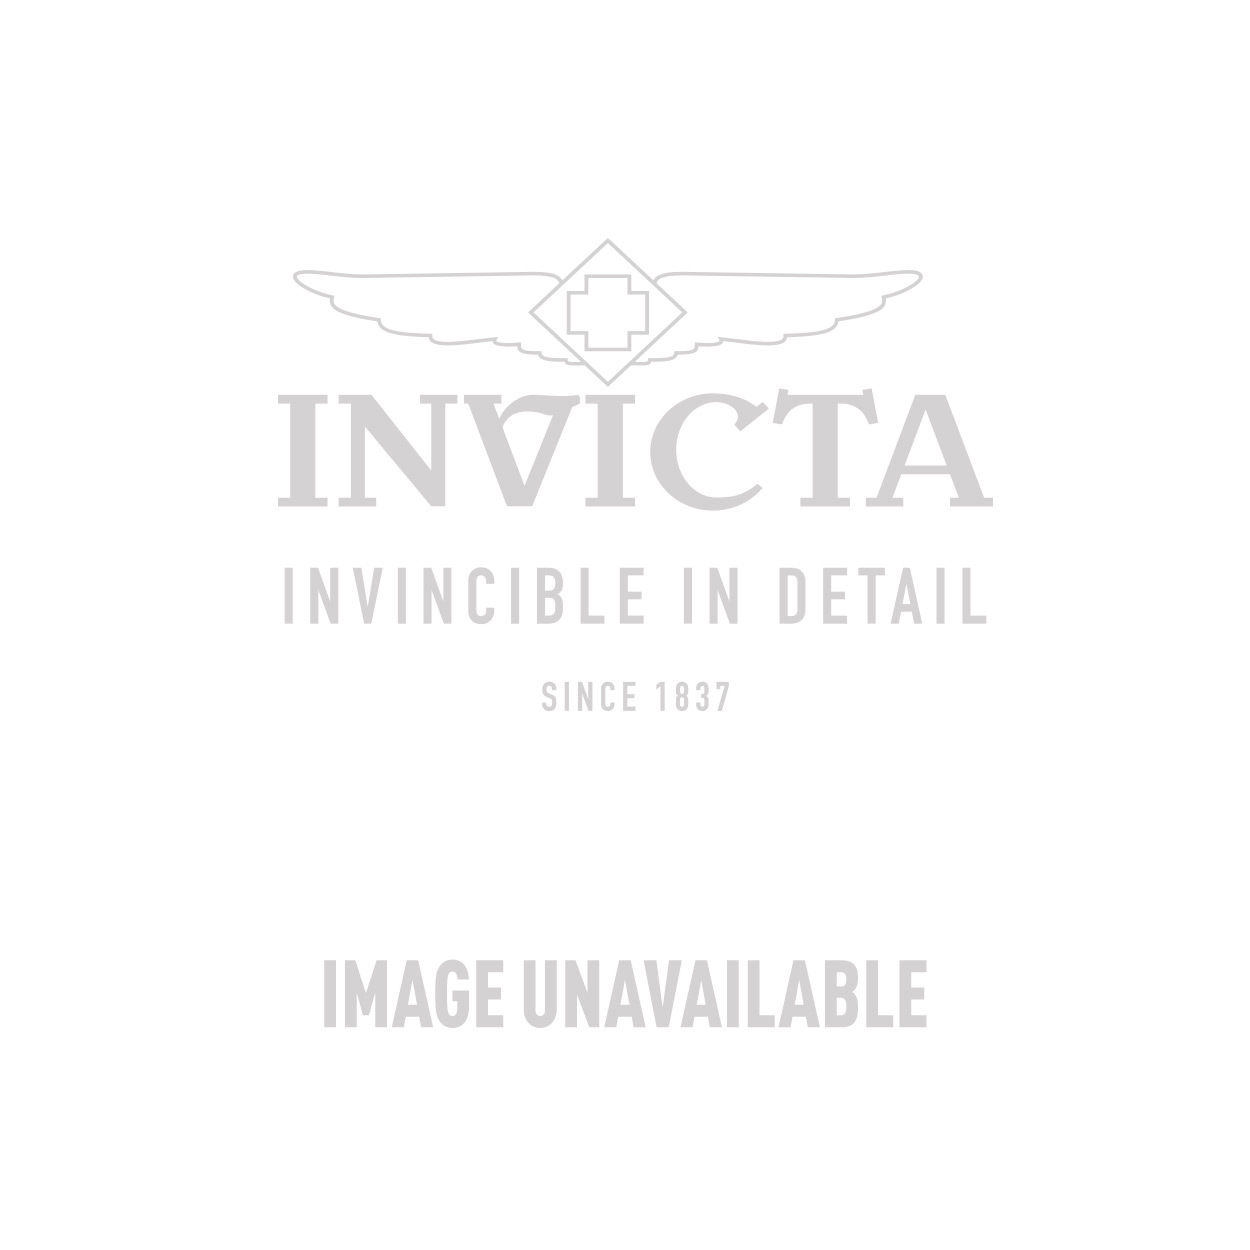 Invicta Model 25845